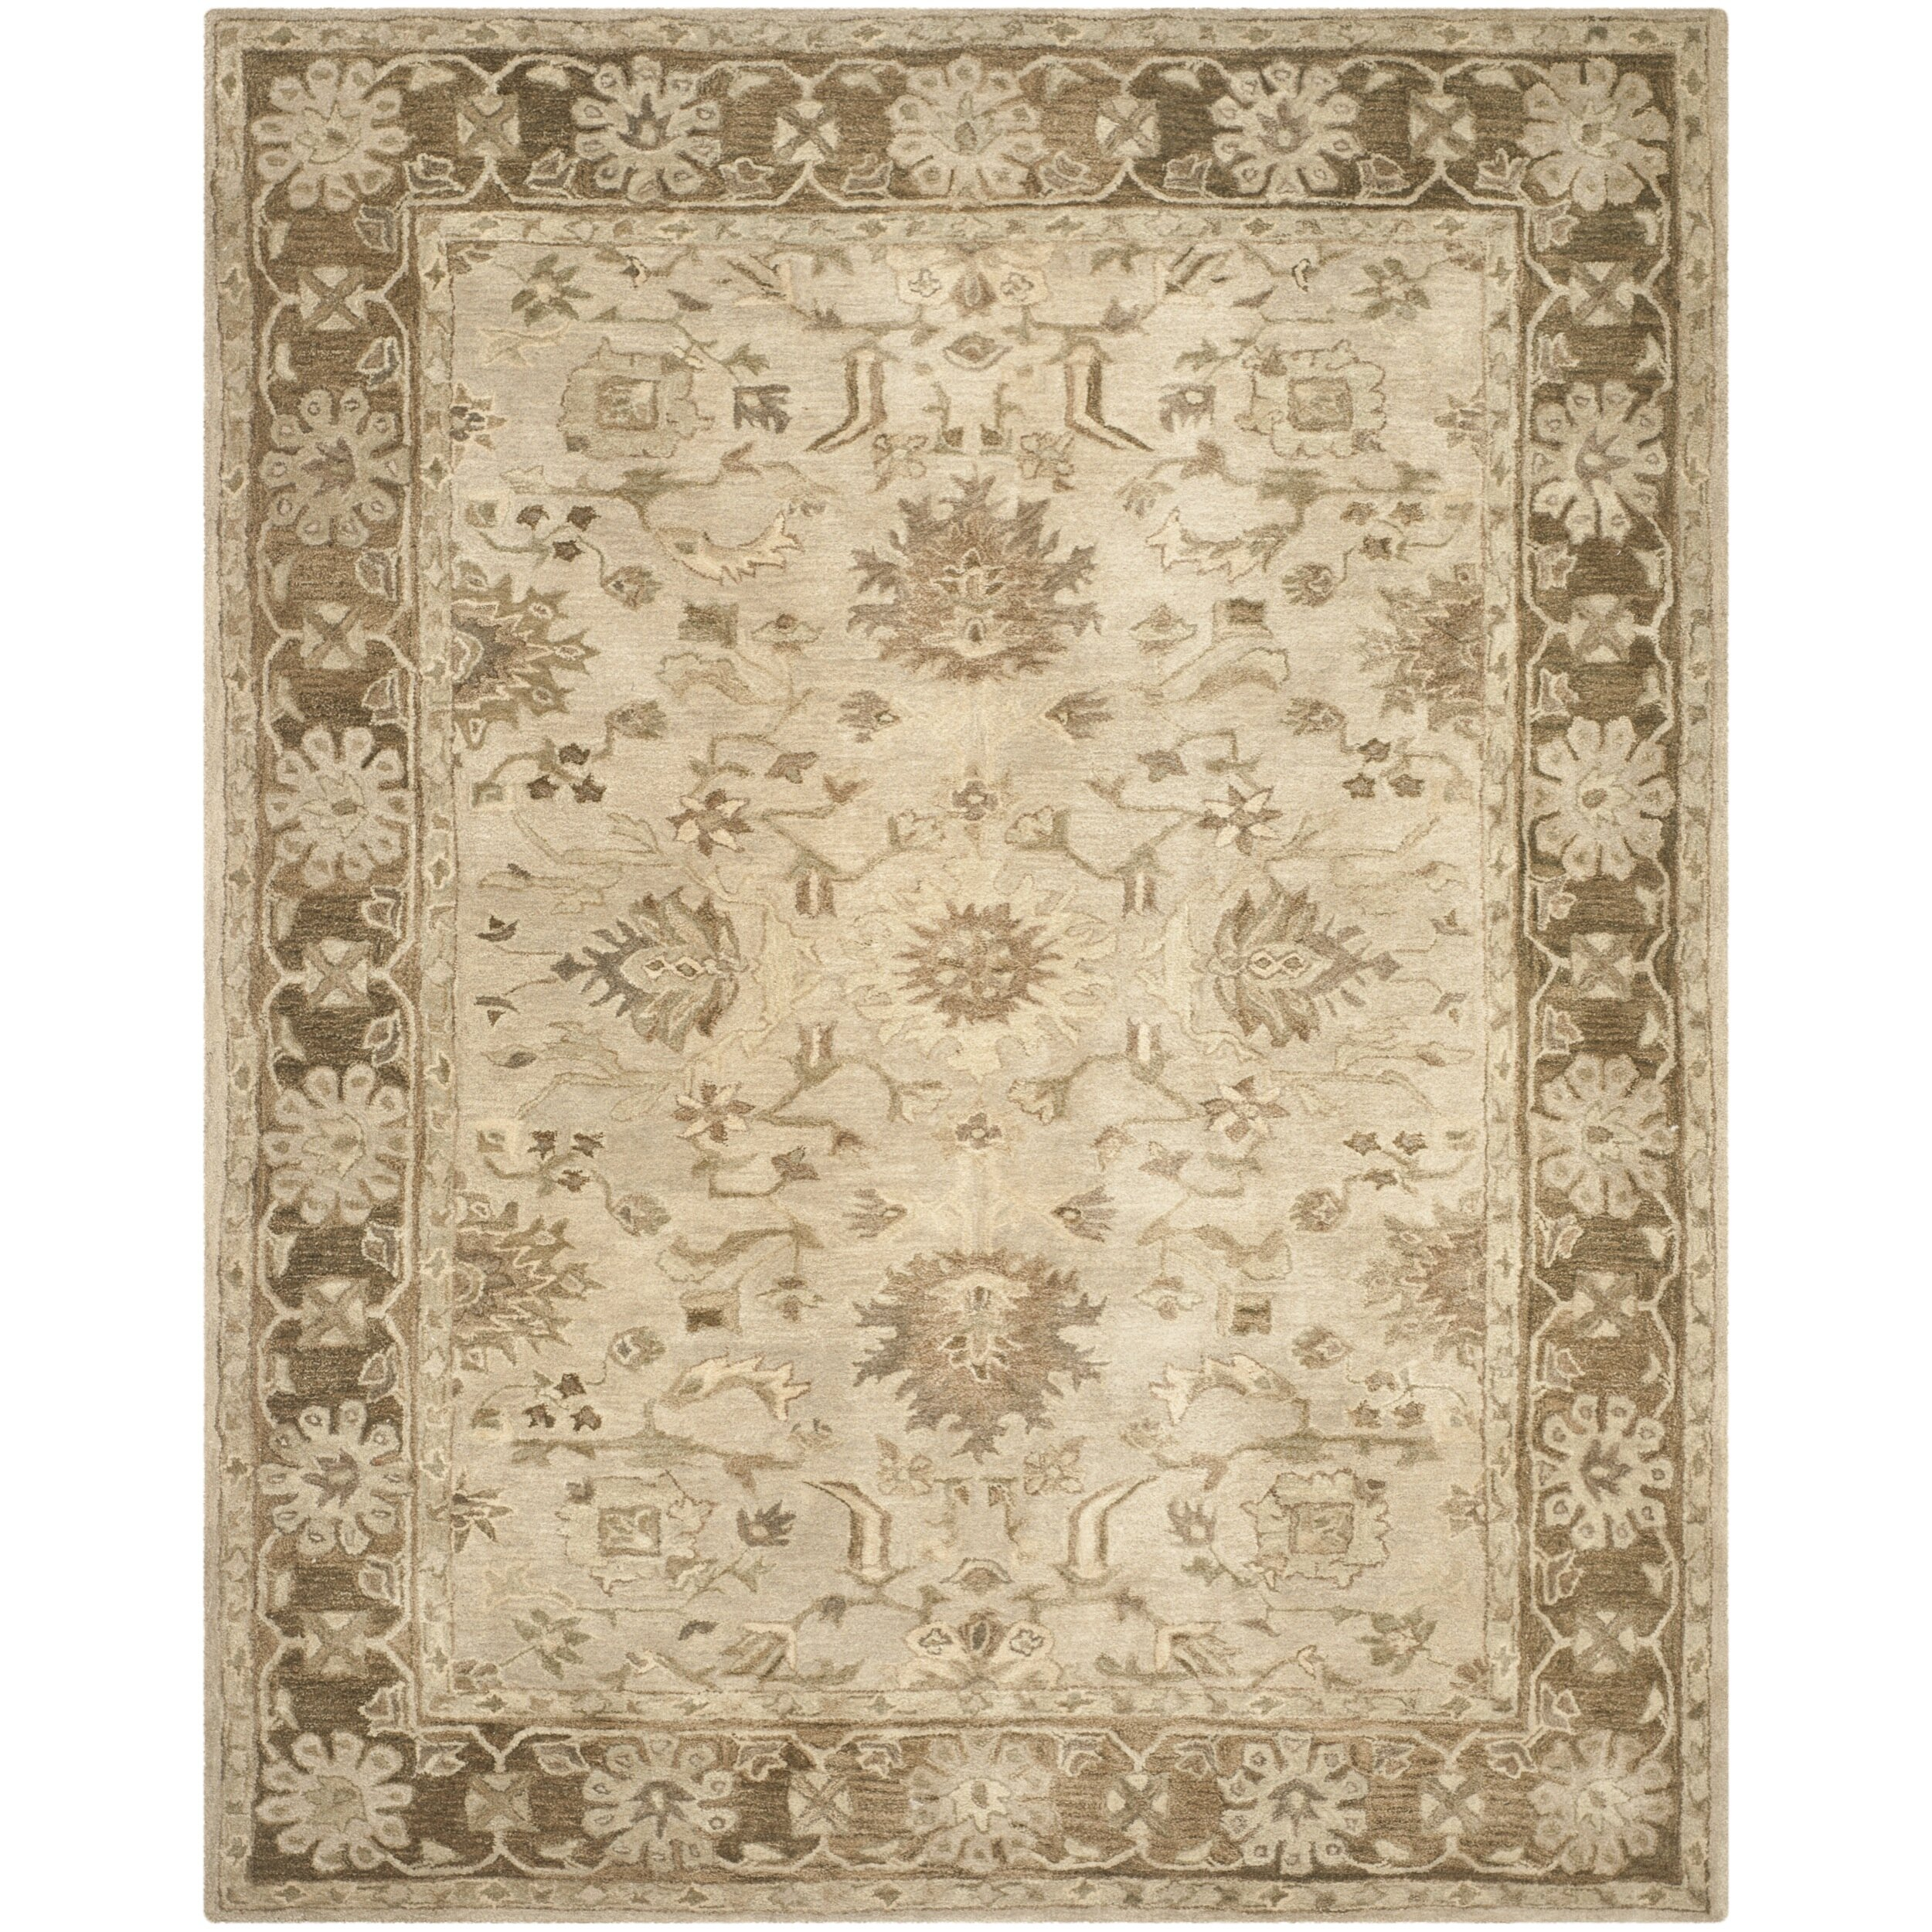 Safavieh anatolia brown area rug wayfair for Safavieh rugs